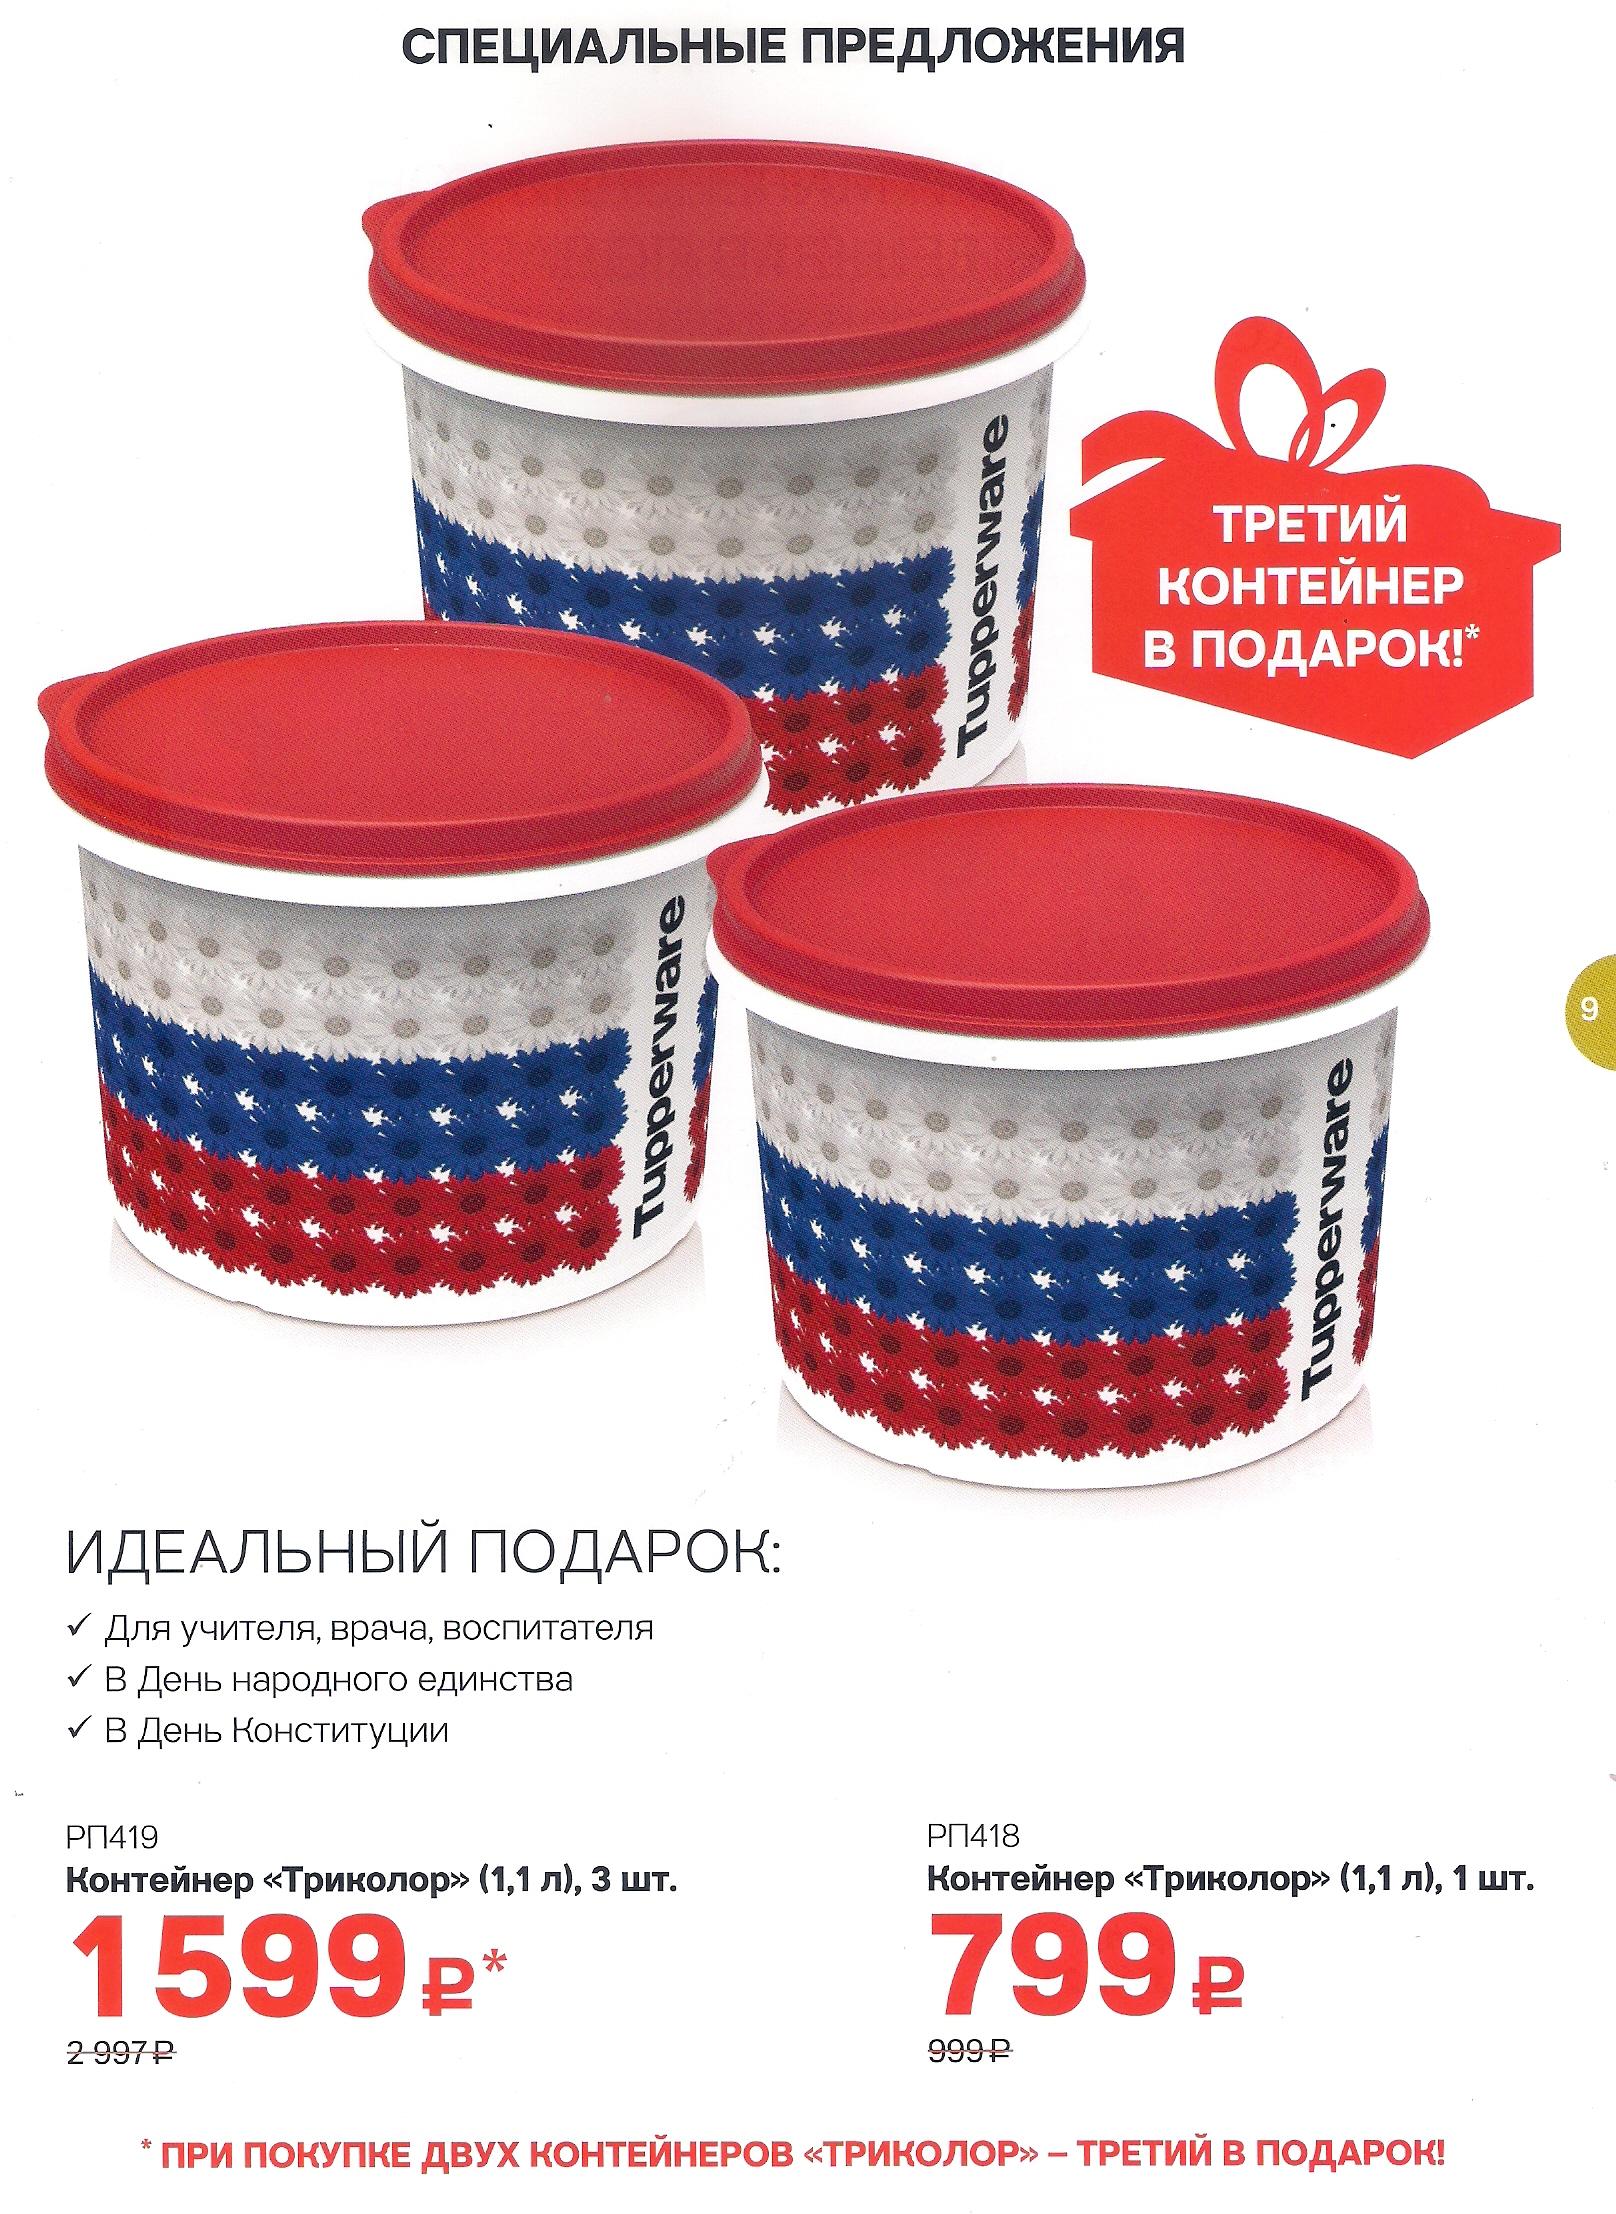 http://tupperware-online.ru/images/upload/8p.jpg